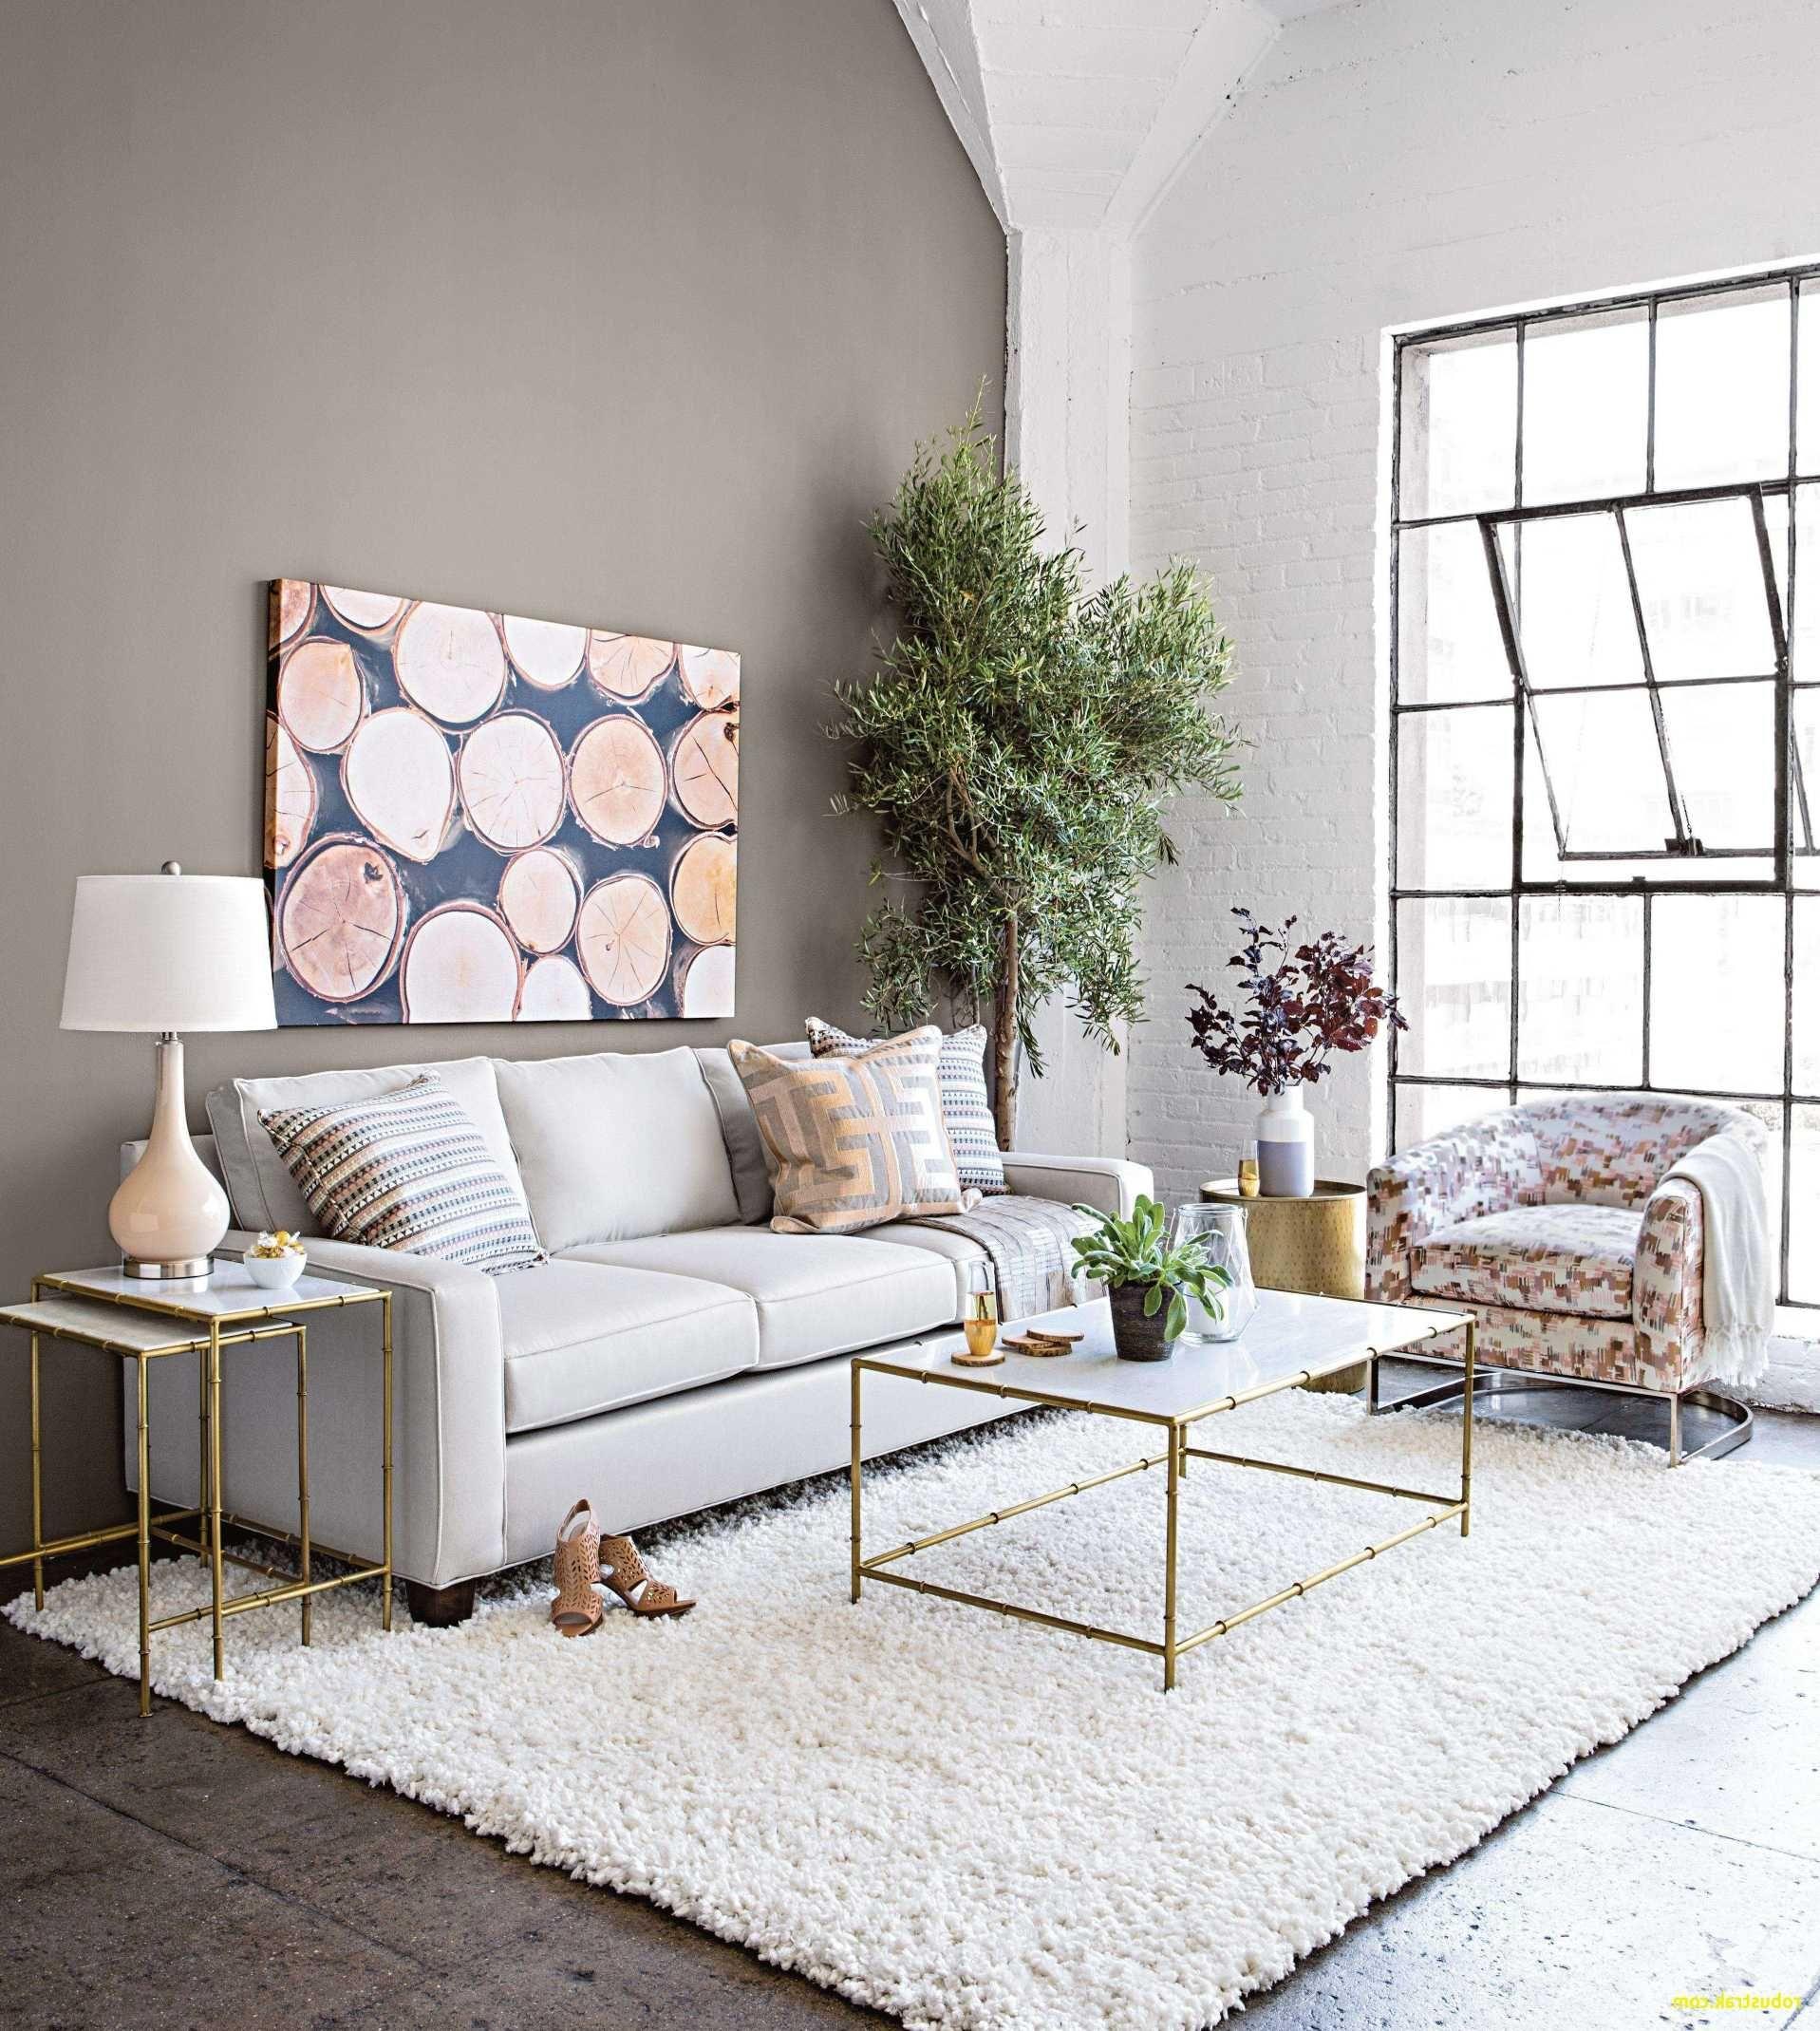 30 Amazing Modern Living Room Furniture Sets Concept Advanced Desain Ruangan Kecil Meja Ruang Tamu Ruang Keluarga Mewah #small #living #room #furniture #sets